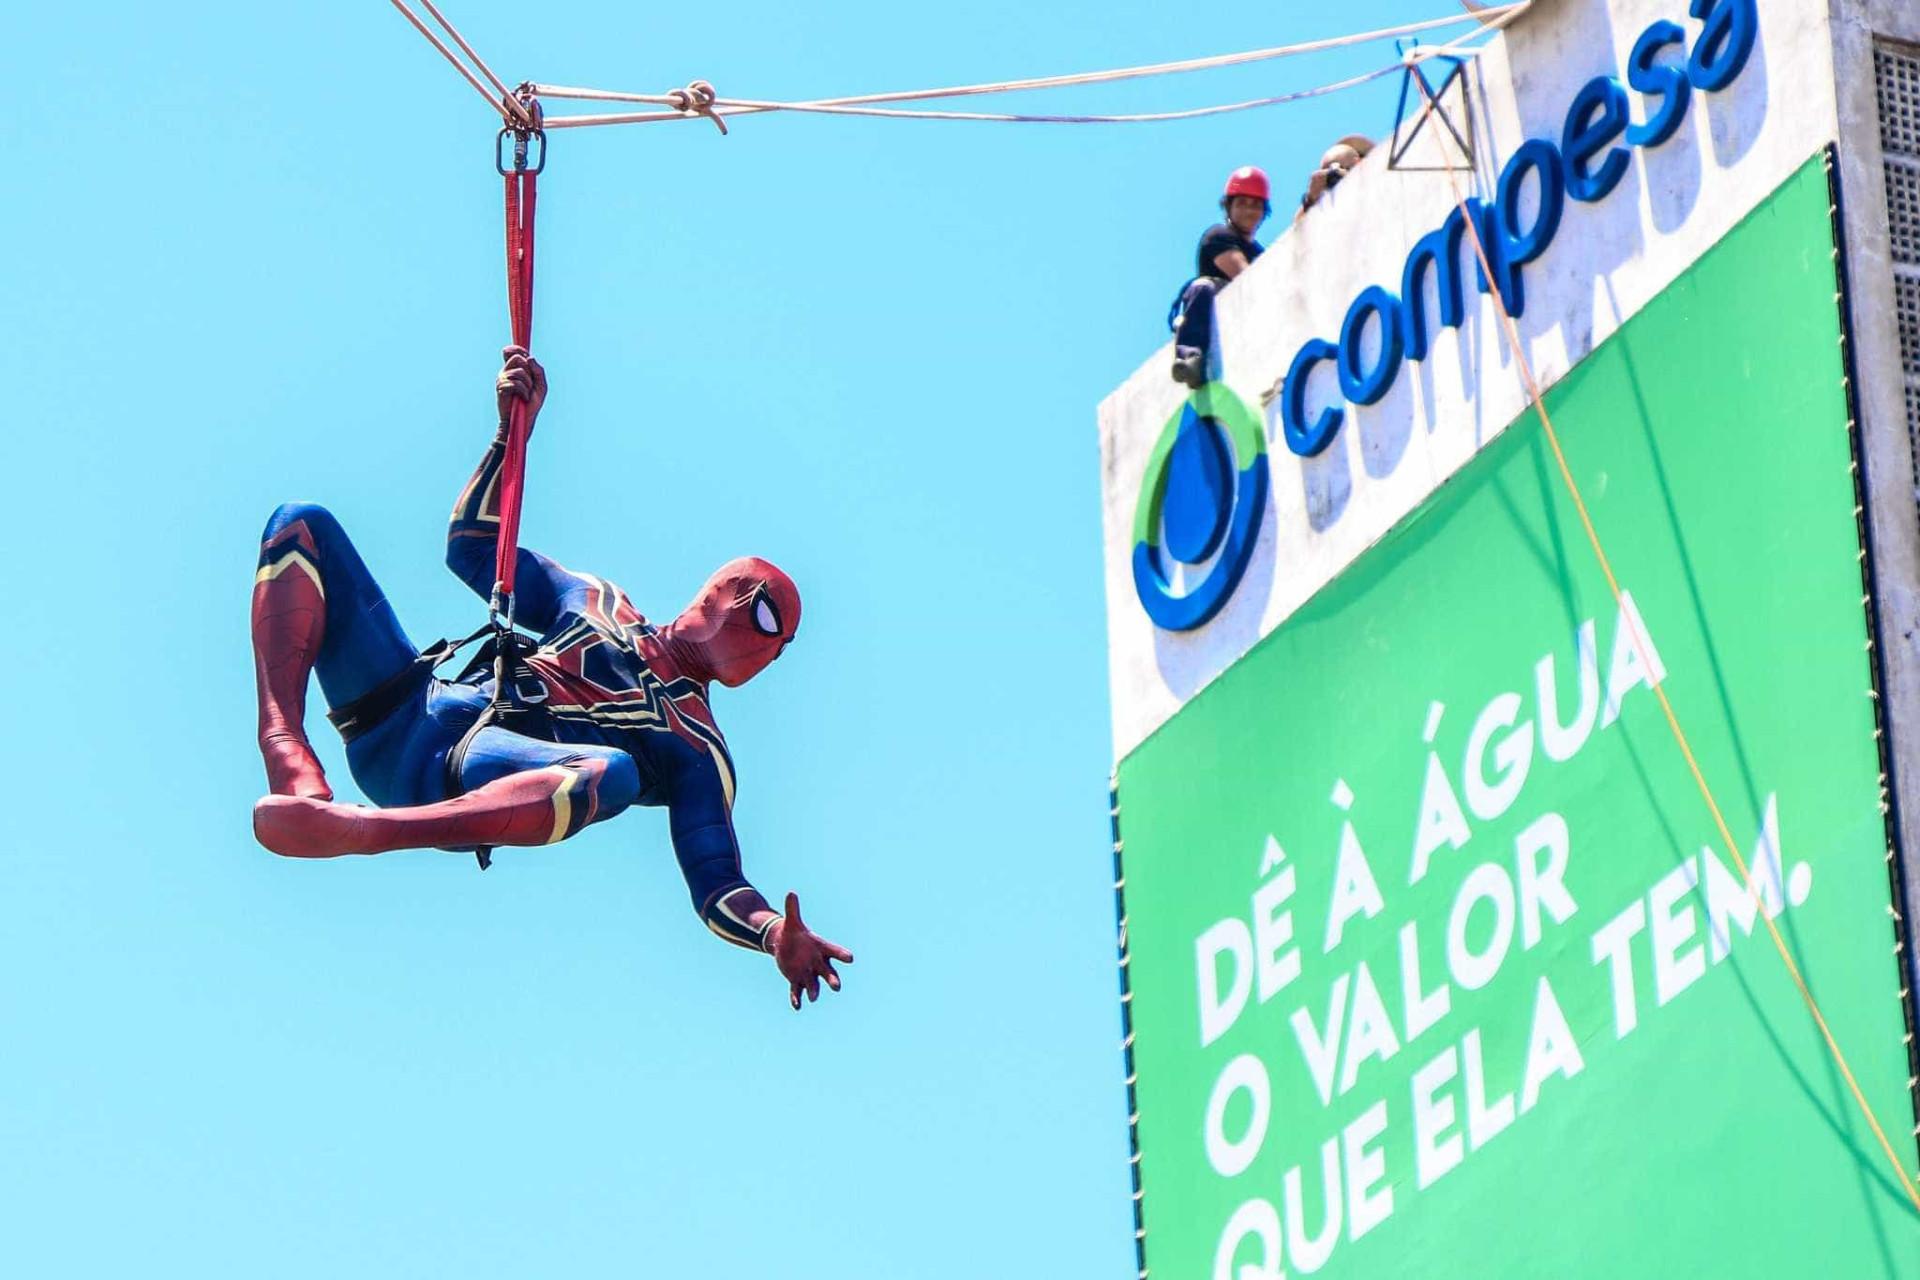 Heróis ganham ladeiras e 'Homem-Aranha' desce de caixa d'água em Olinda